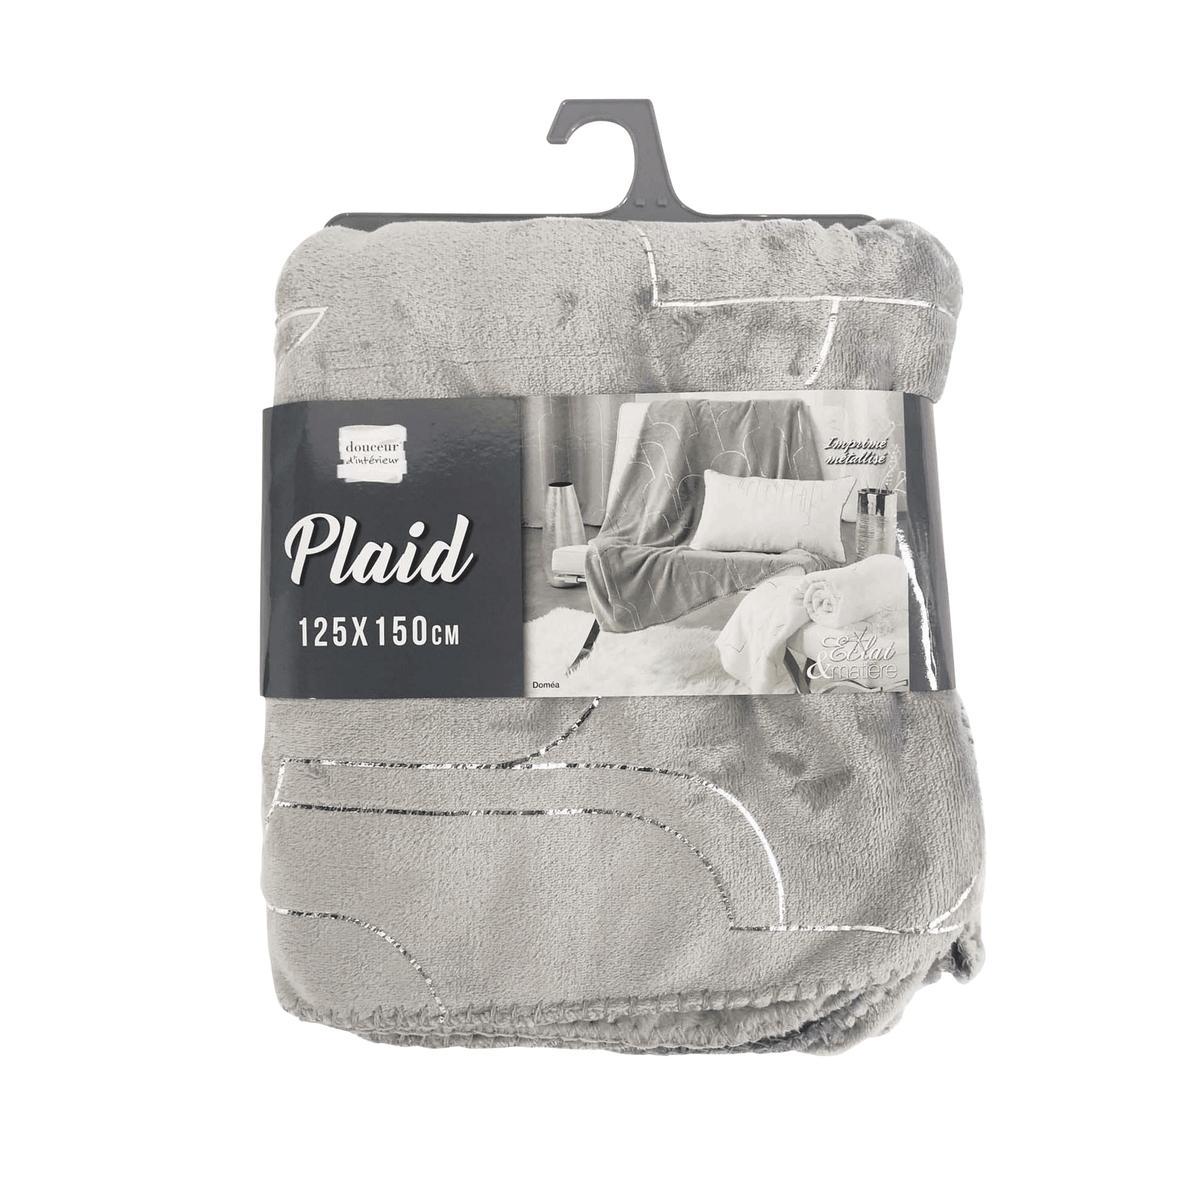 douceur dint/érieur plaid 125x150cm metallise veggy blanc//argent